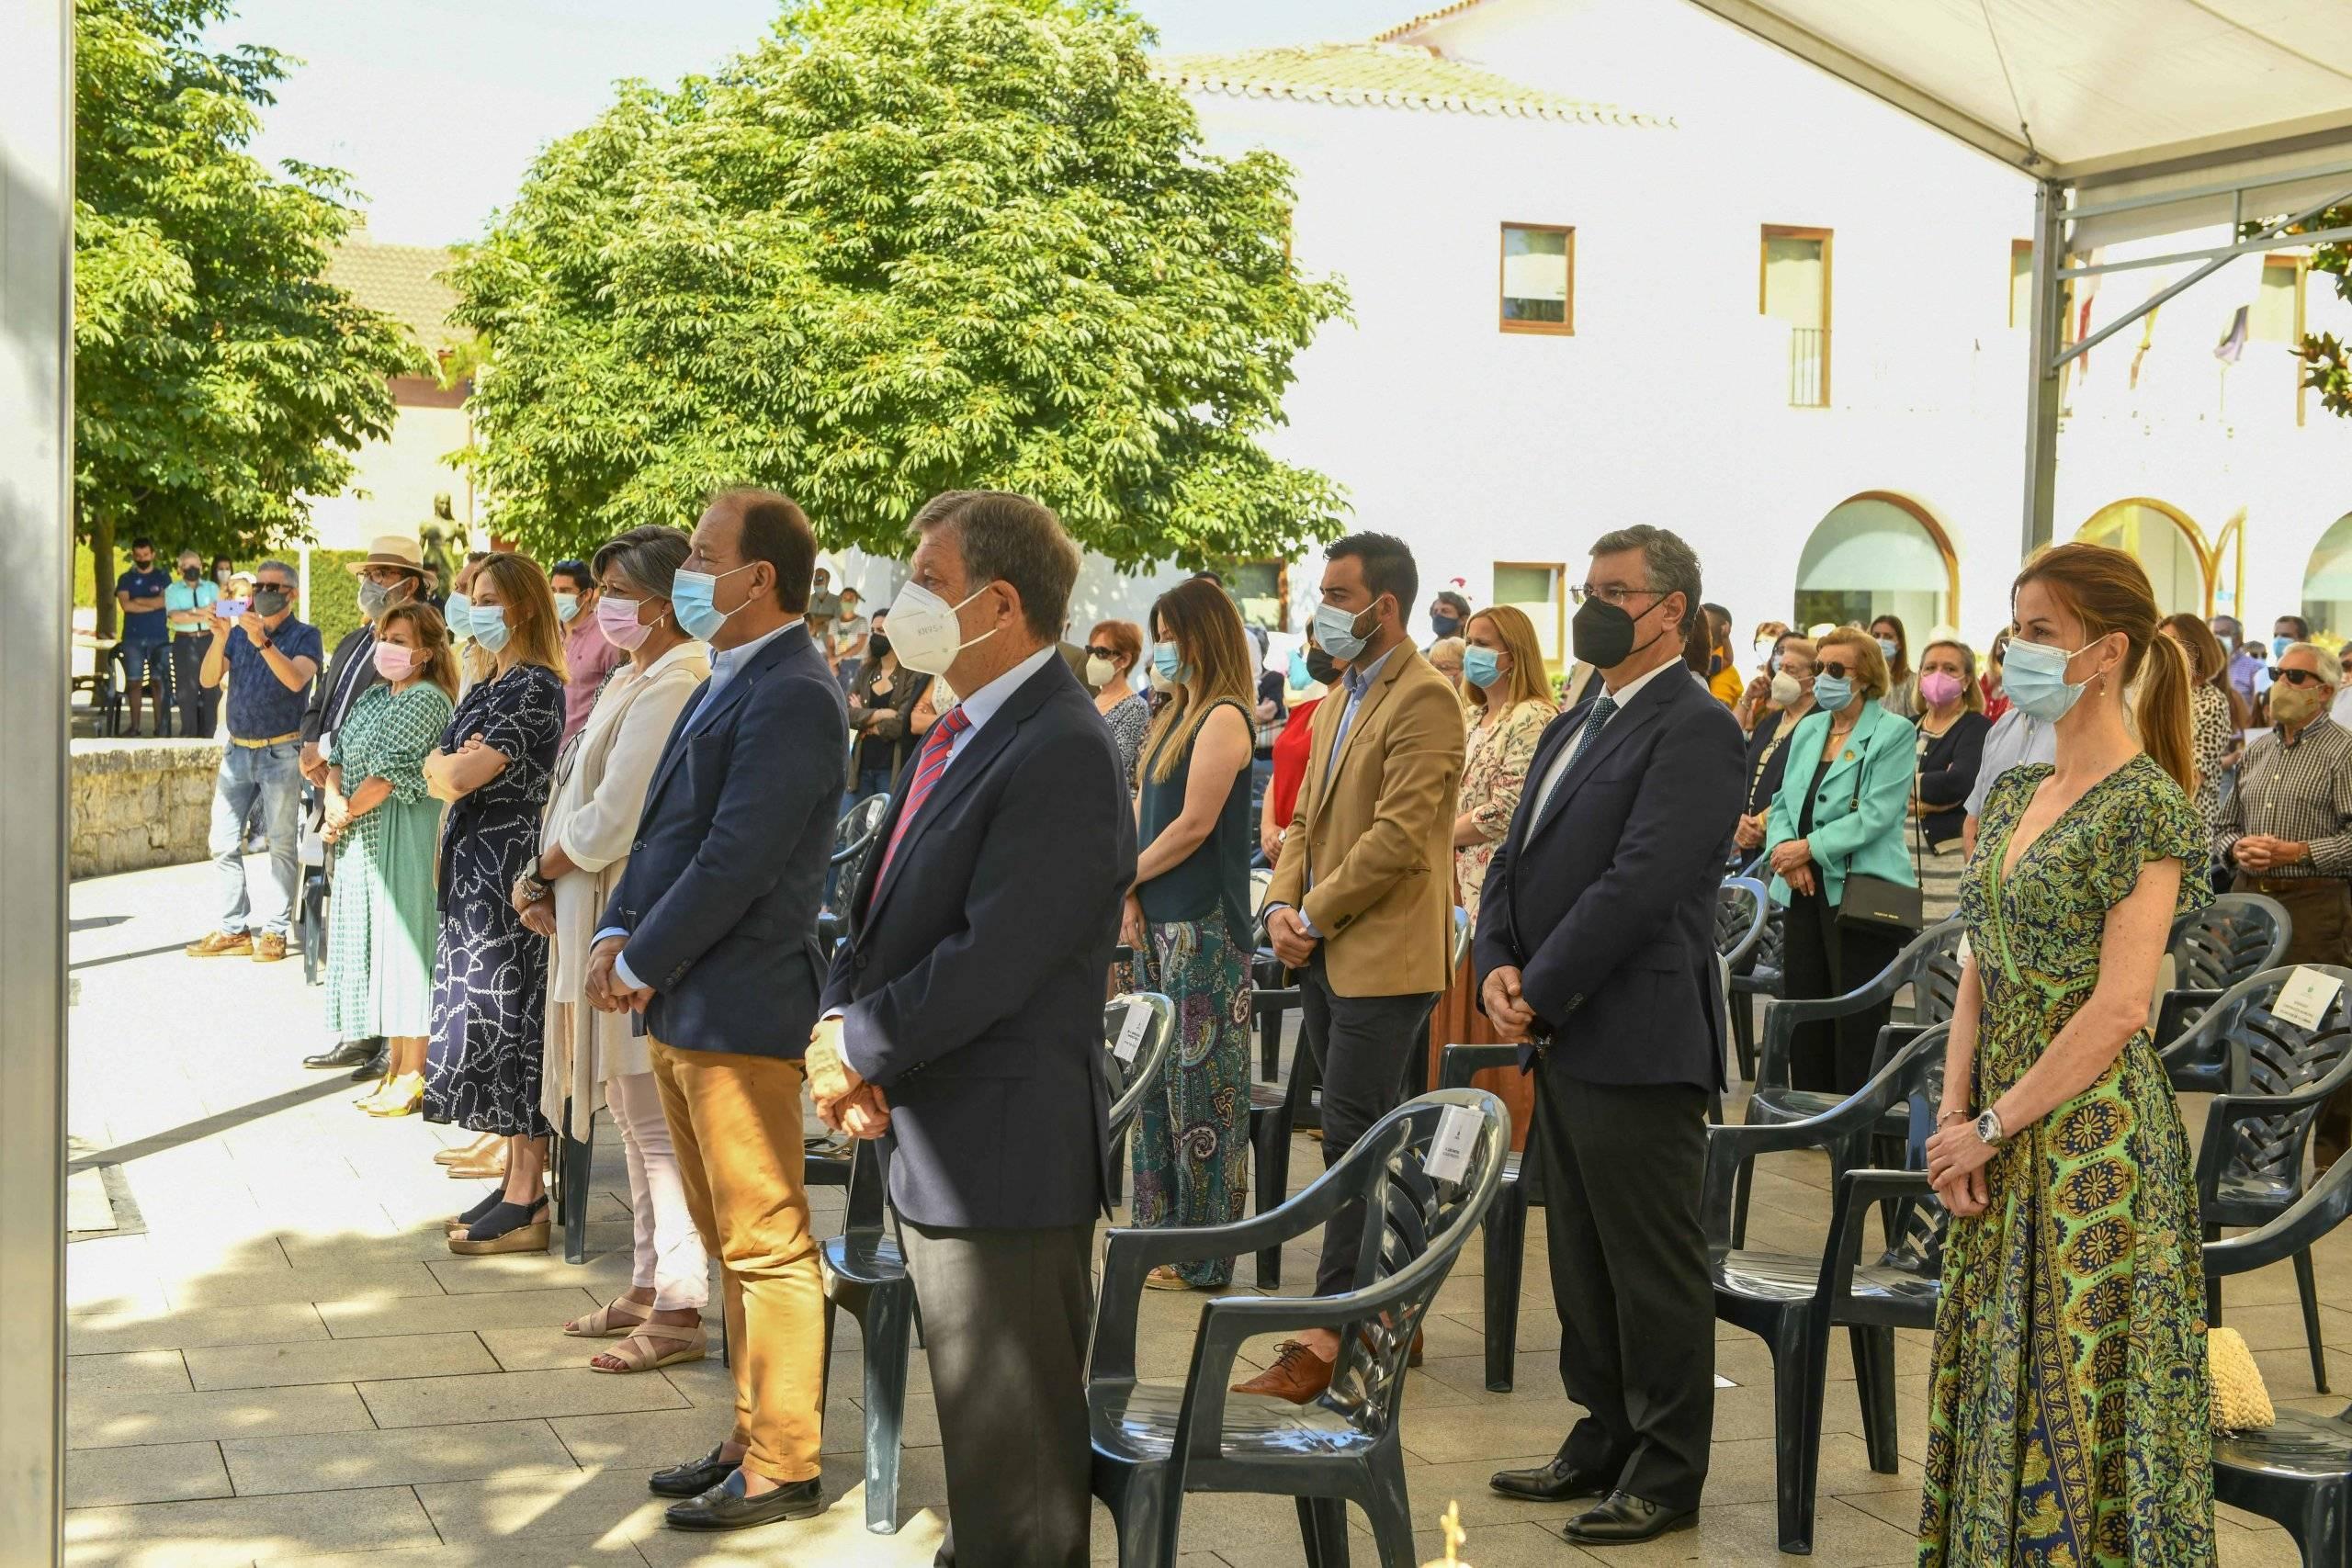 Alcalde y concejales presentes en la misa del Corpus Christi.